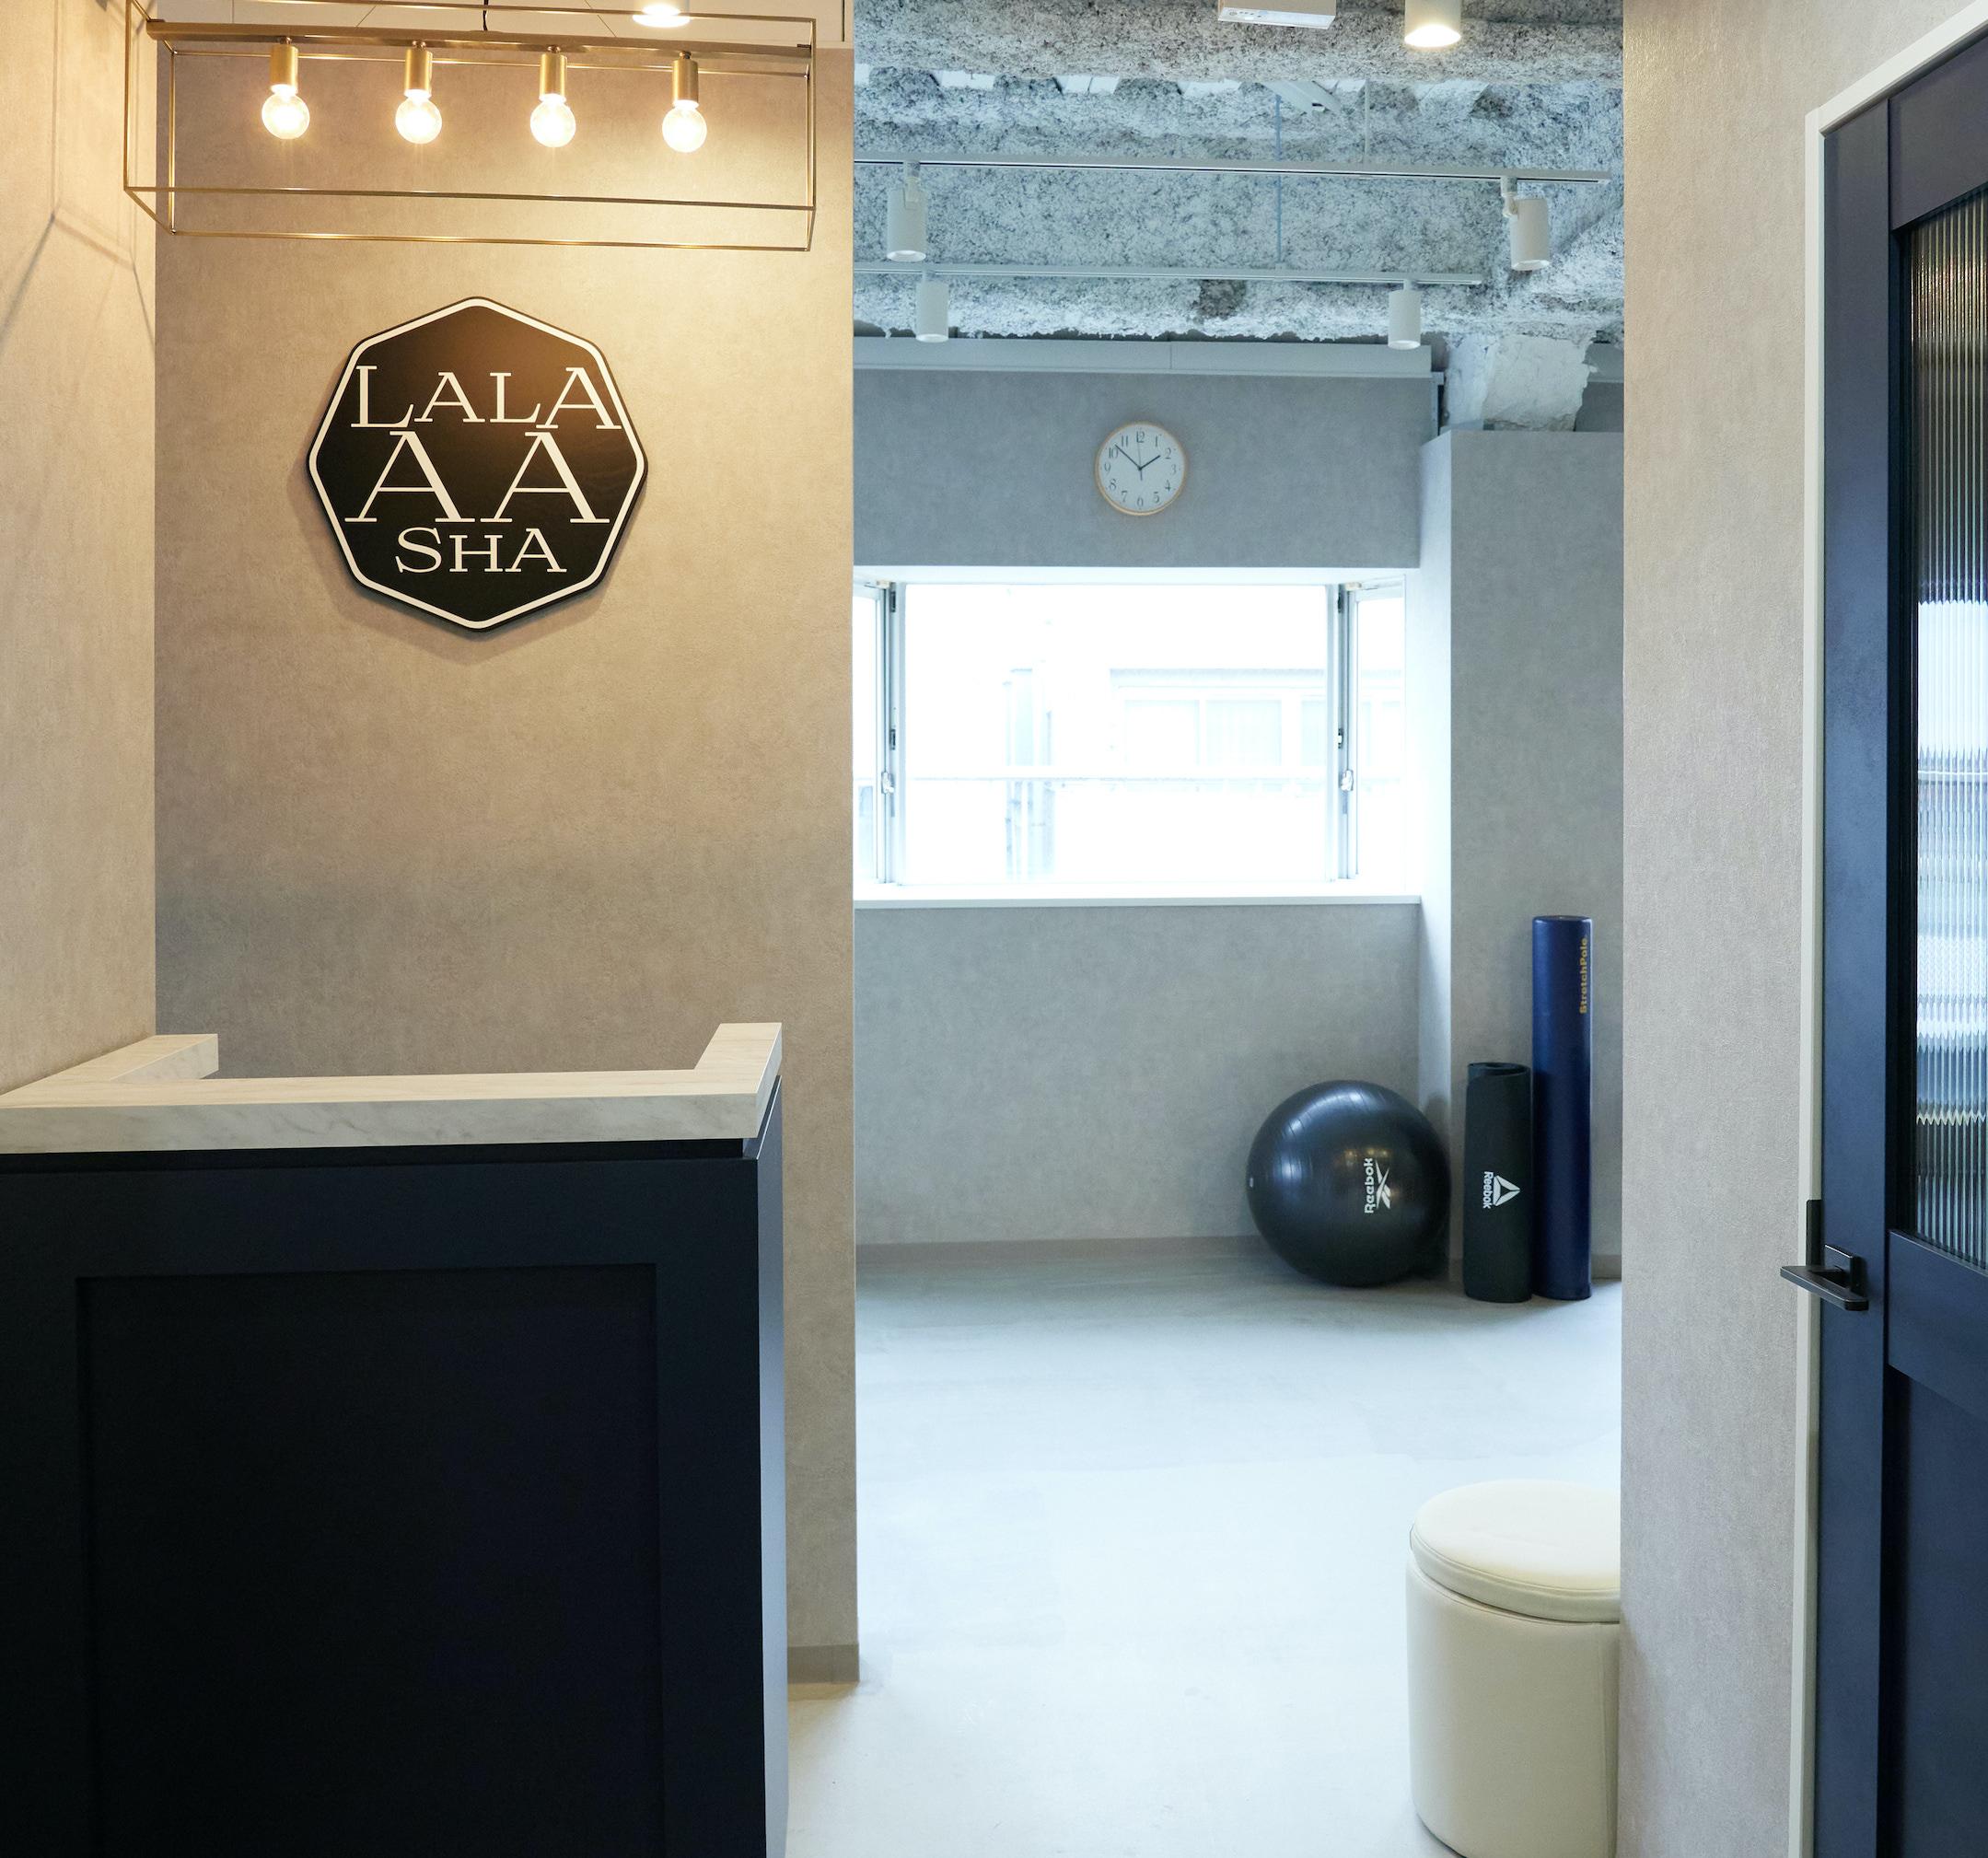 LalaAasha STUDIO 学芸大学スタジオがオープンしました。